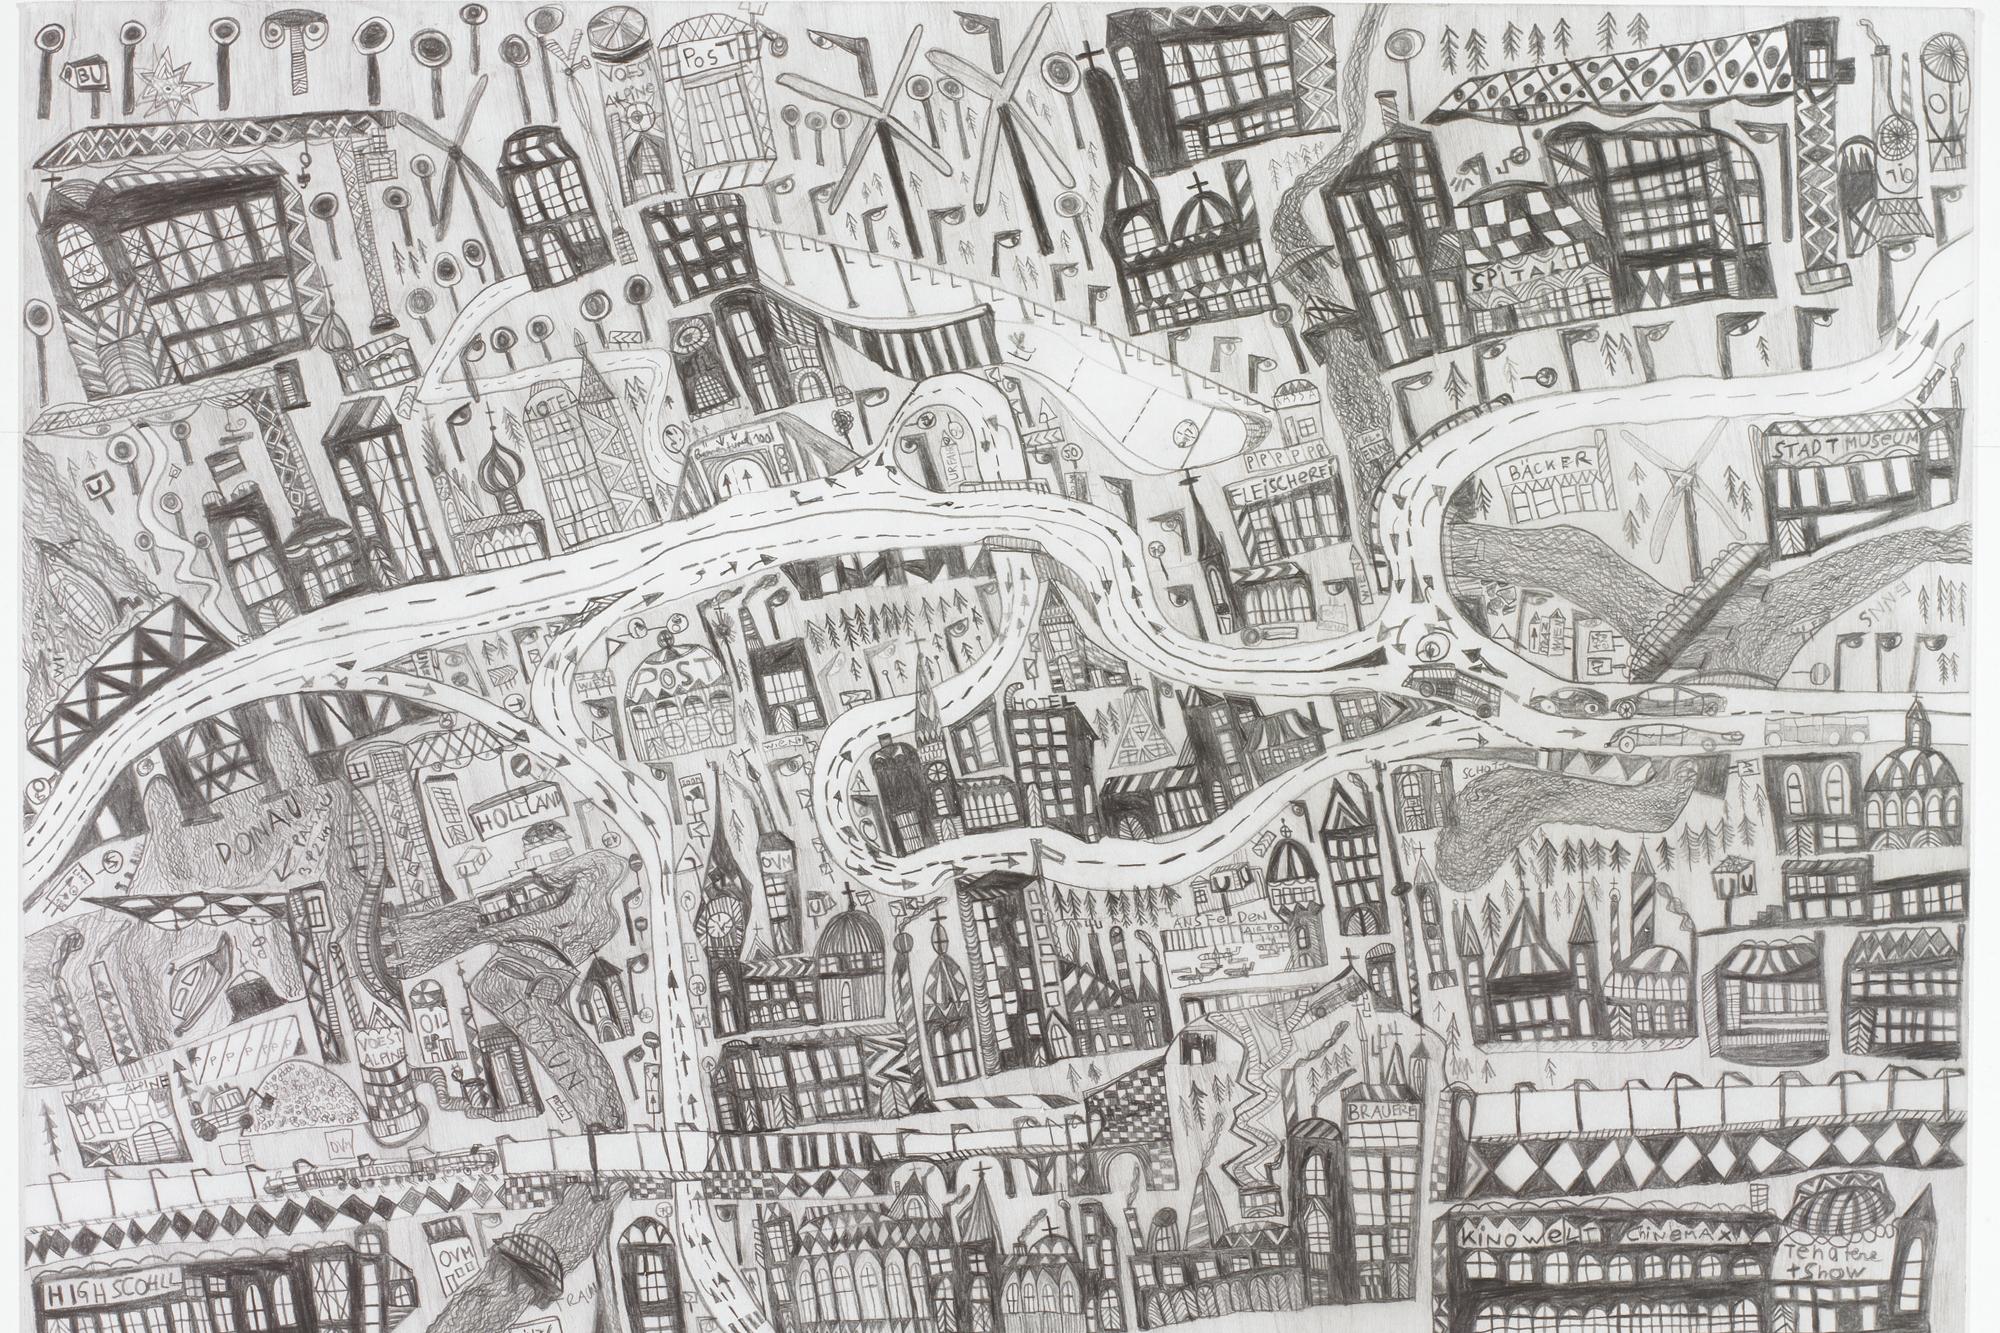 Leonhard Fink, Die Karte von der Stadt Linz in Oberösterreich, 2014  © galerie gugging